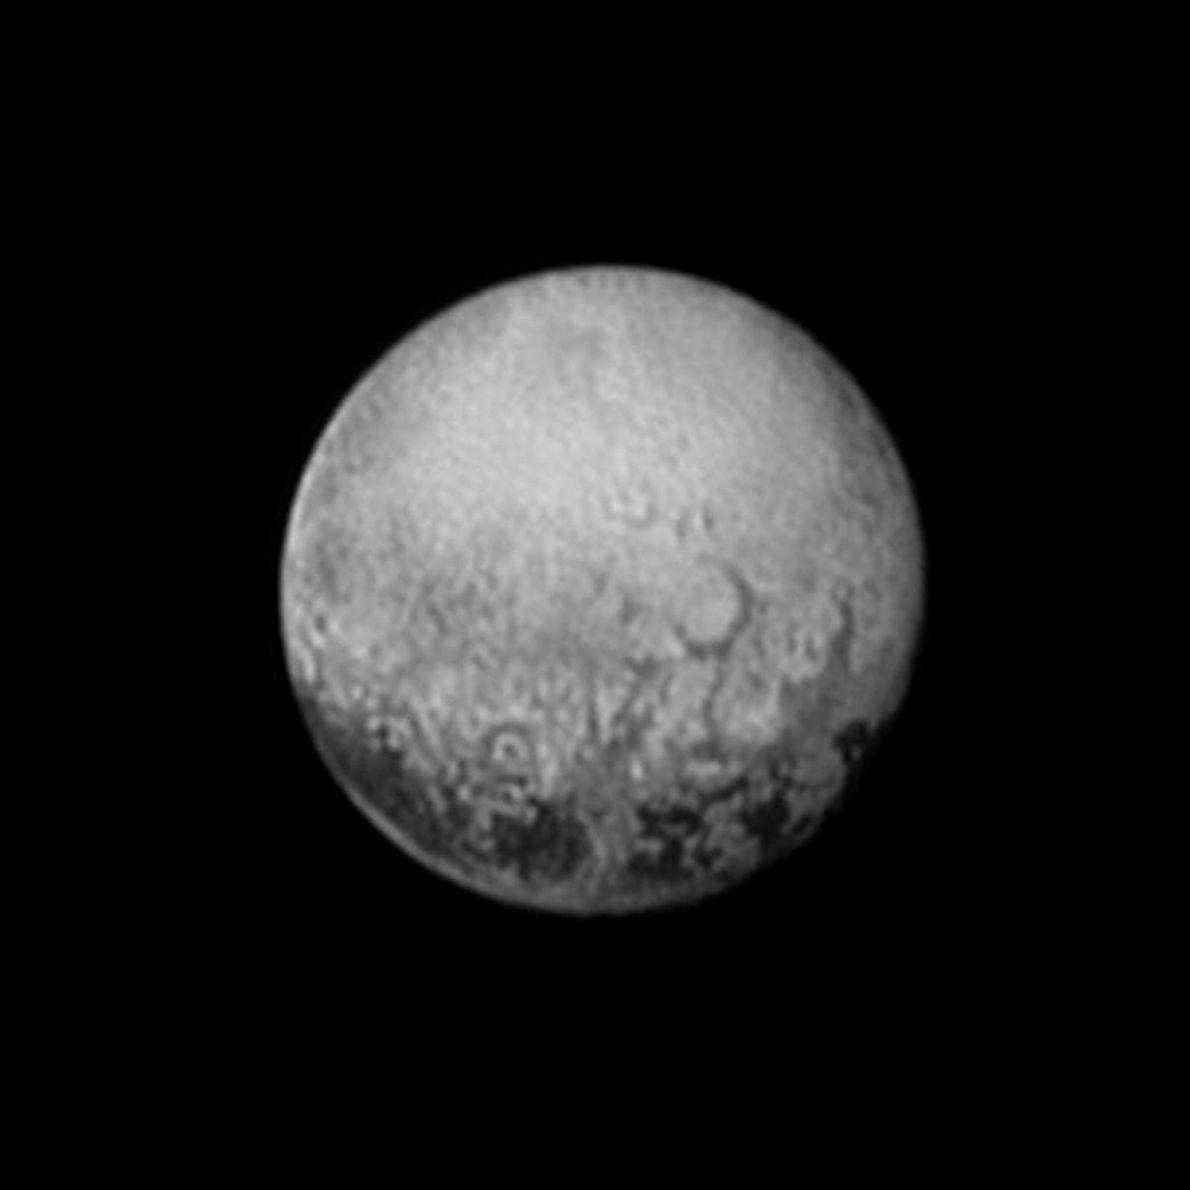 El 11 de julio de 2015, la New Horizons echó un último vistazo a la cara ...